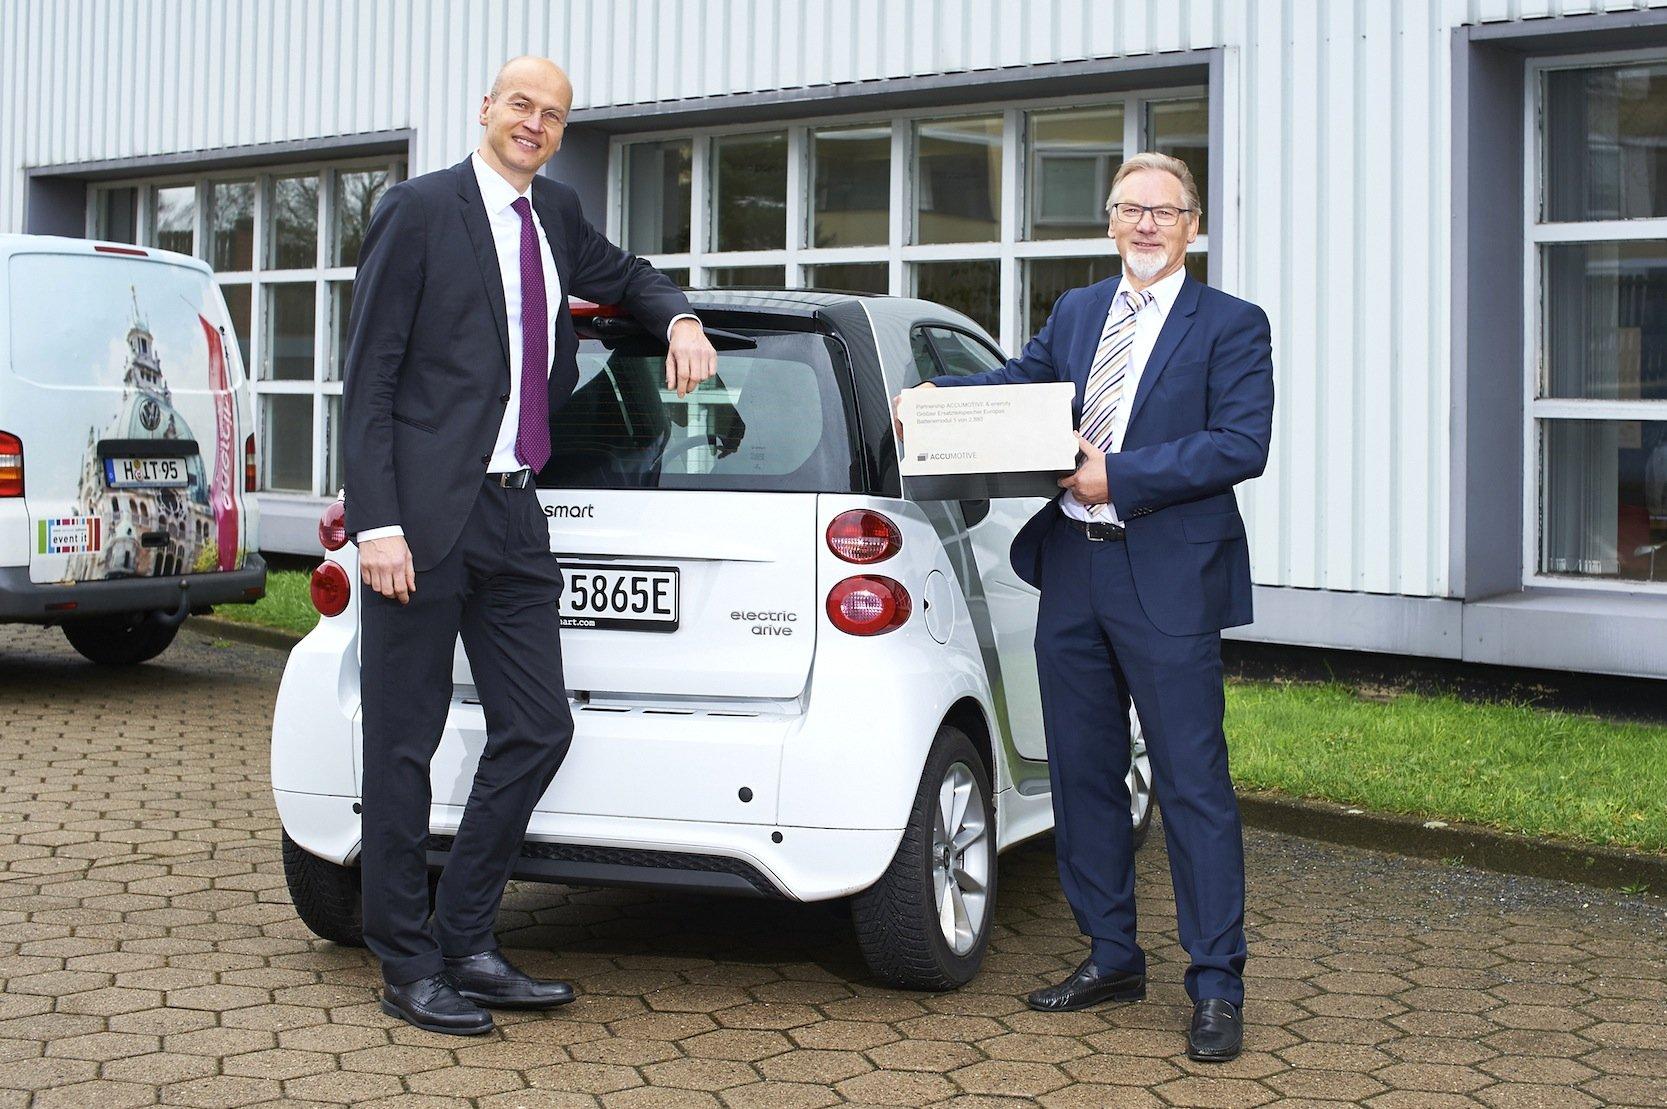 Daimler-Manager Harald Kröger (l.) und der Technische Direktor der Stadtwerke Hannover, Harald Noske, präsentieren die Pläne für einen Stromspeicher aus neuen Akkus für Elektroautos.